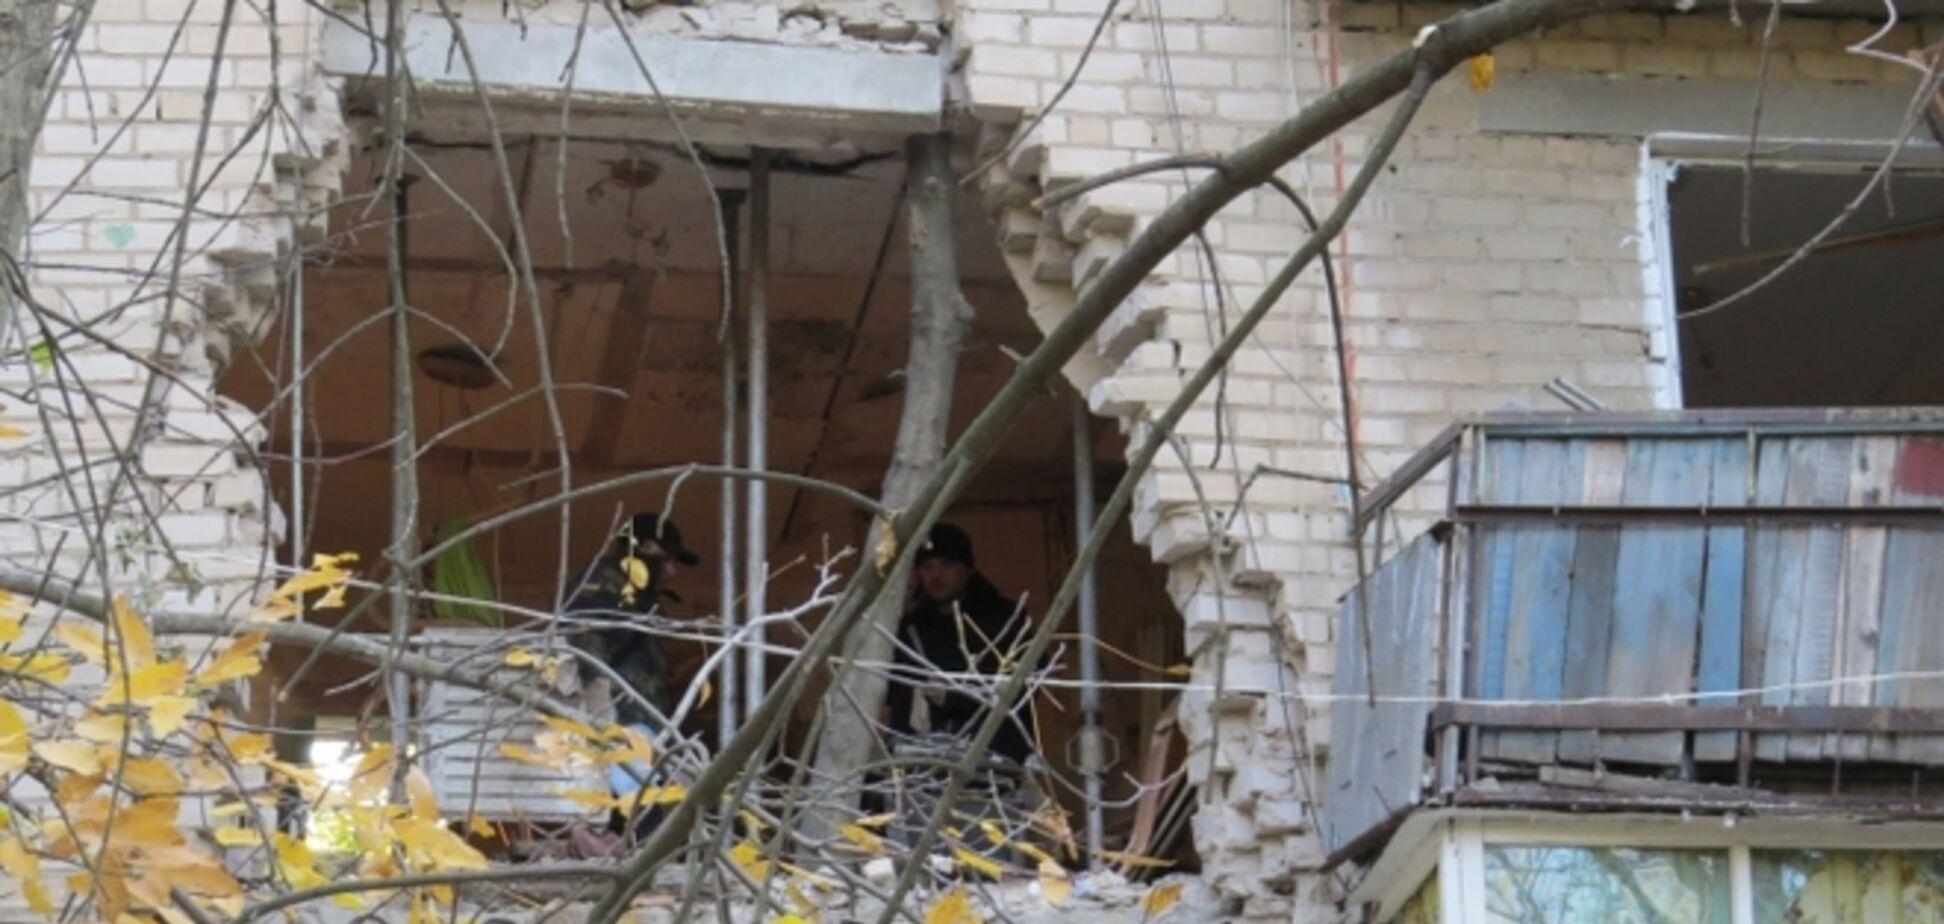 Милиция расследует взрыв дома в Мелитополе как 'умышленное уничтожение имущества'